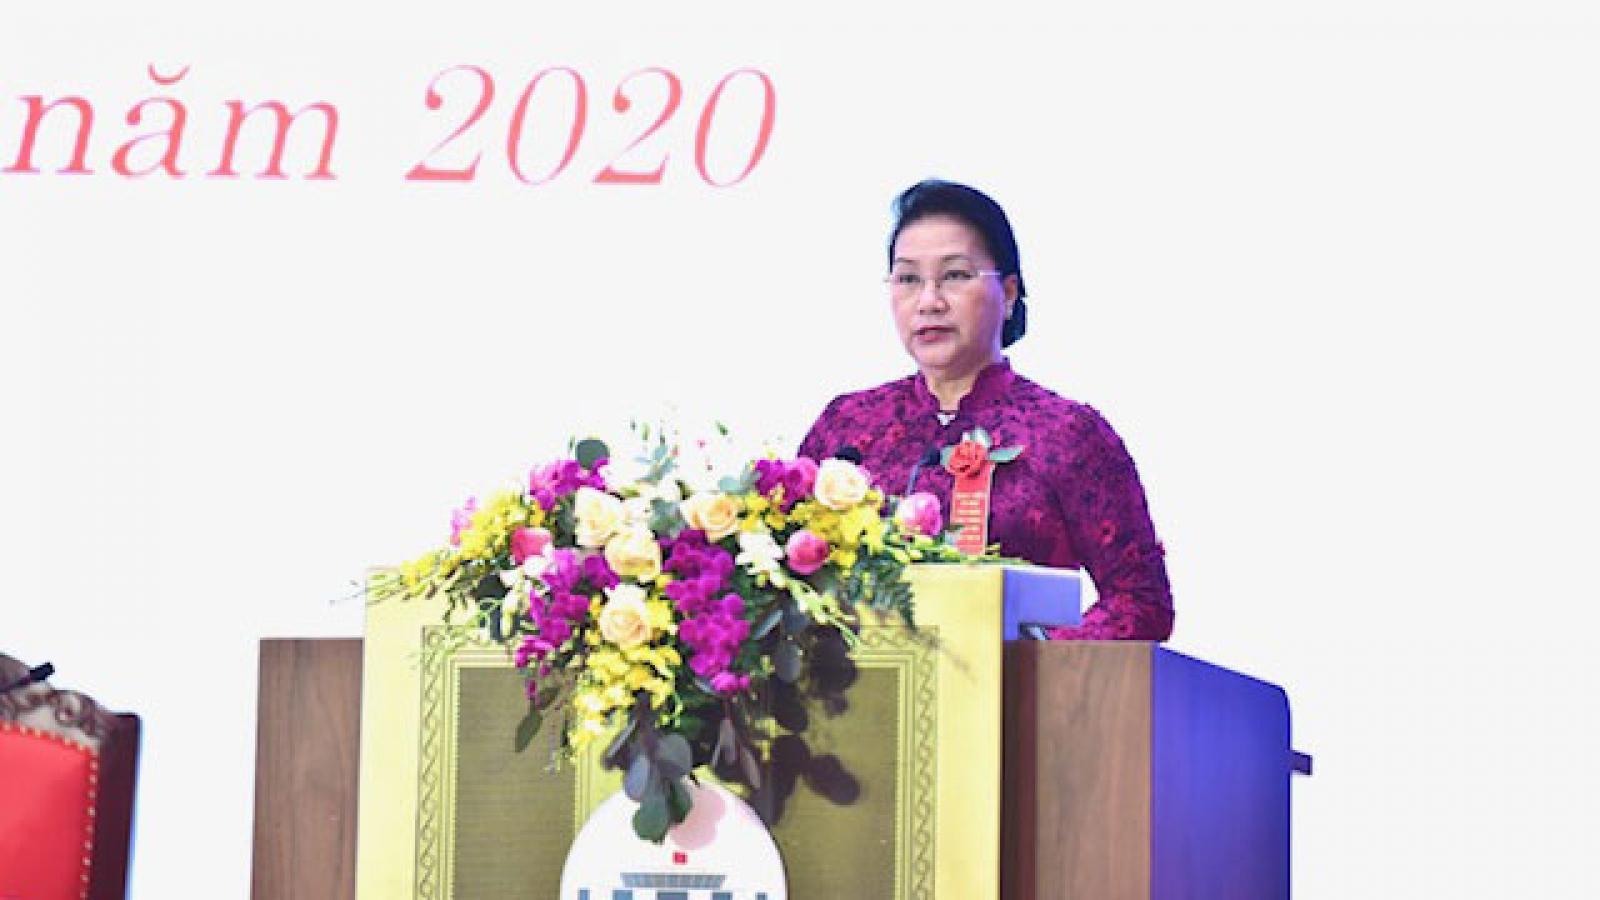 Chủ tịch Quốc hội dự Đại hội Thi đua yêu nước của Văn phòng Quốc hội